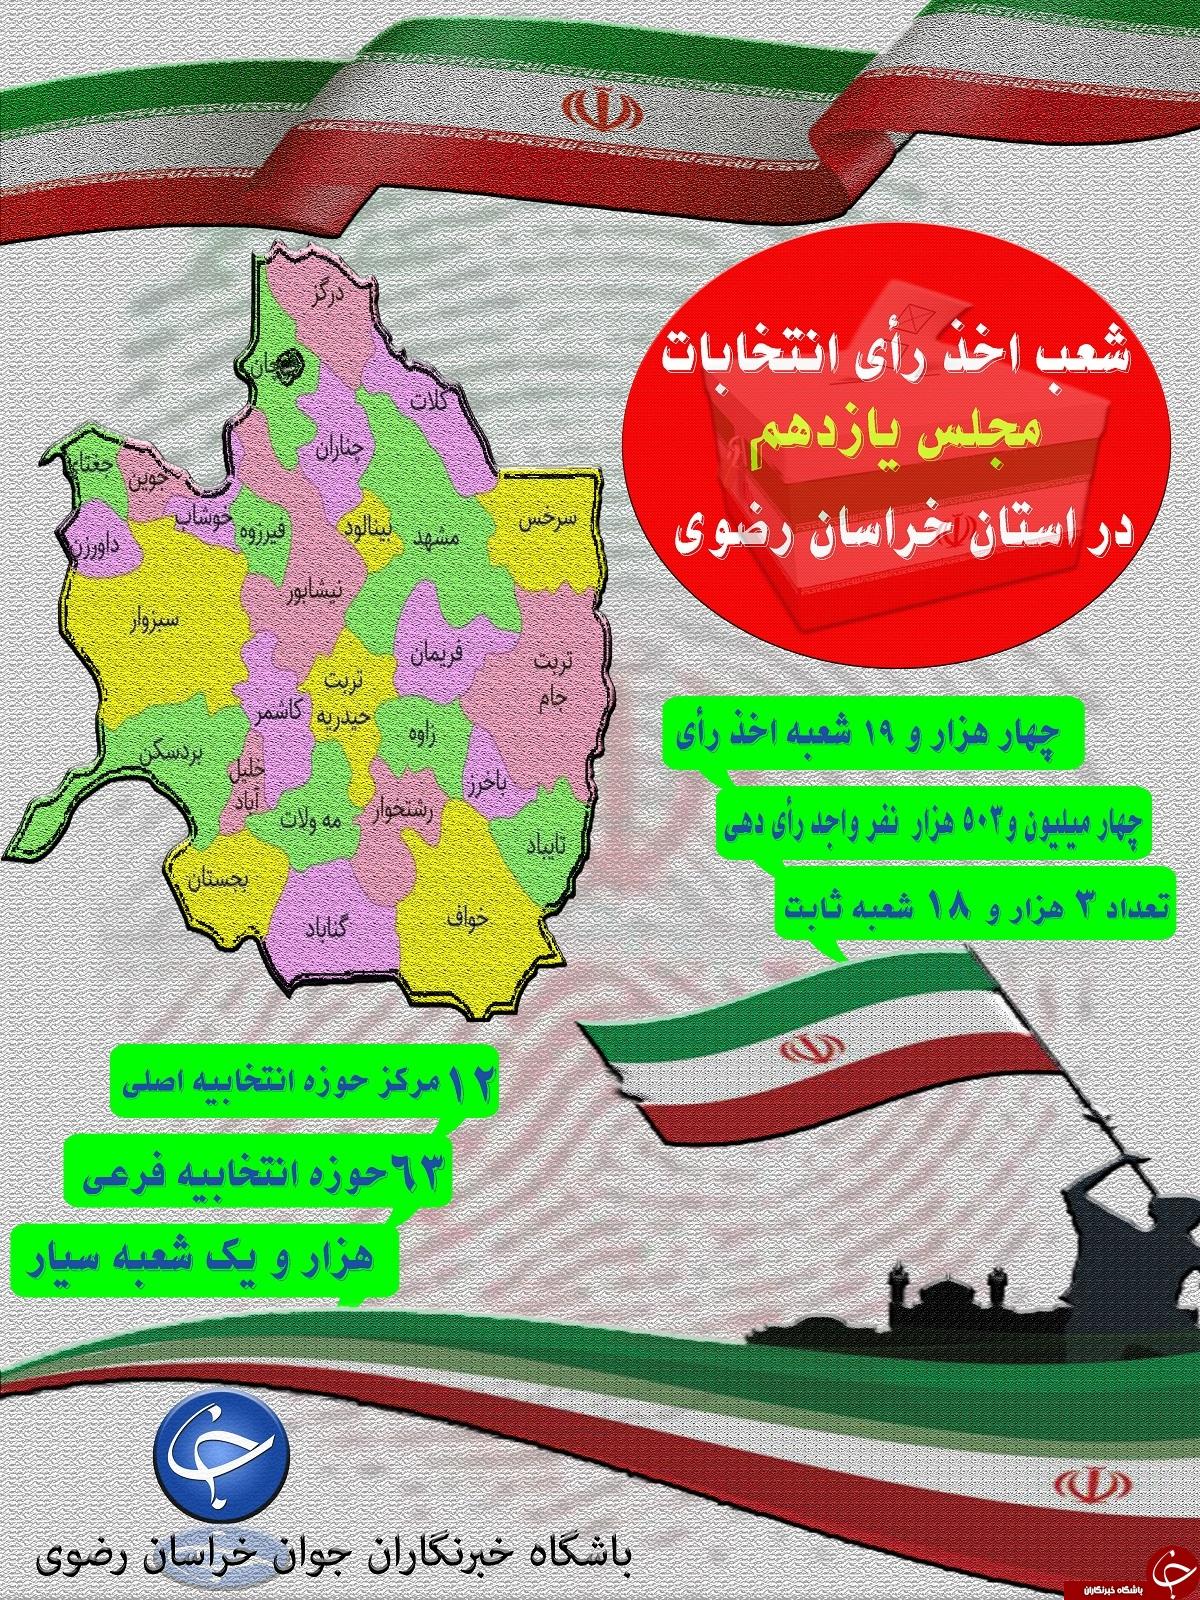 اینفوگرافیکی از یازدهمین دوره انتخابات مجلس در خراسان رضوی